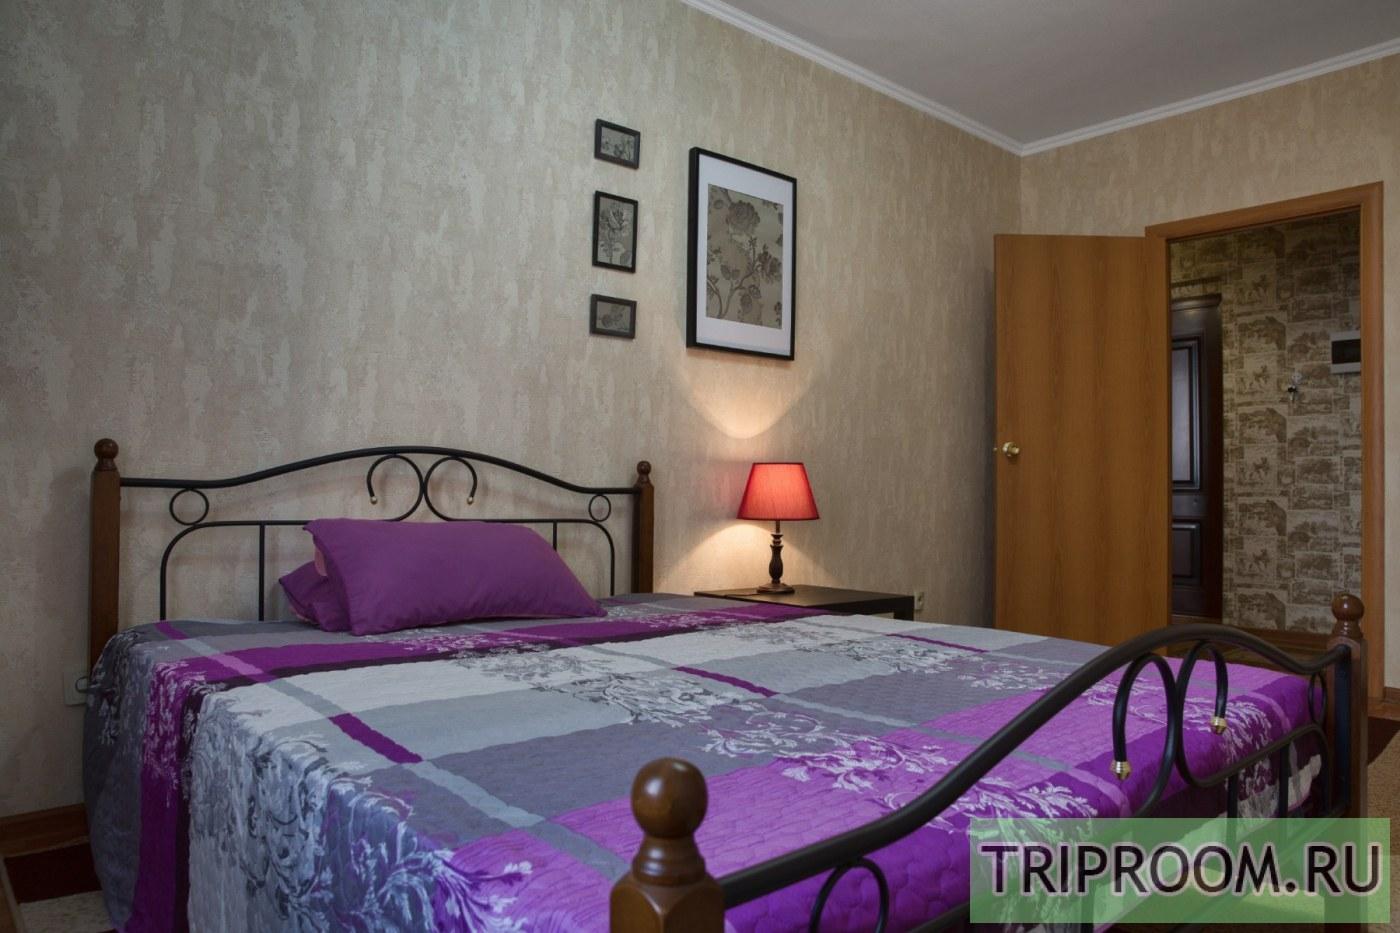 1-комнатная квартира посуточно (вариант № 38423), ул. генерала Шифрина, фото № 3